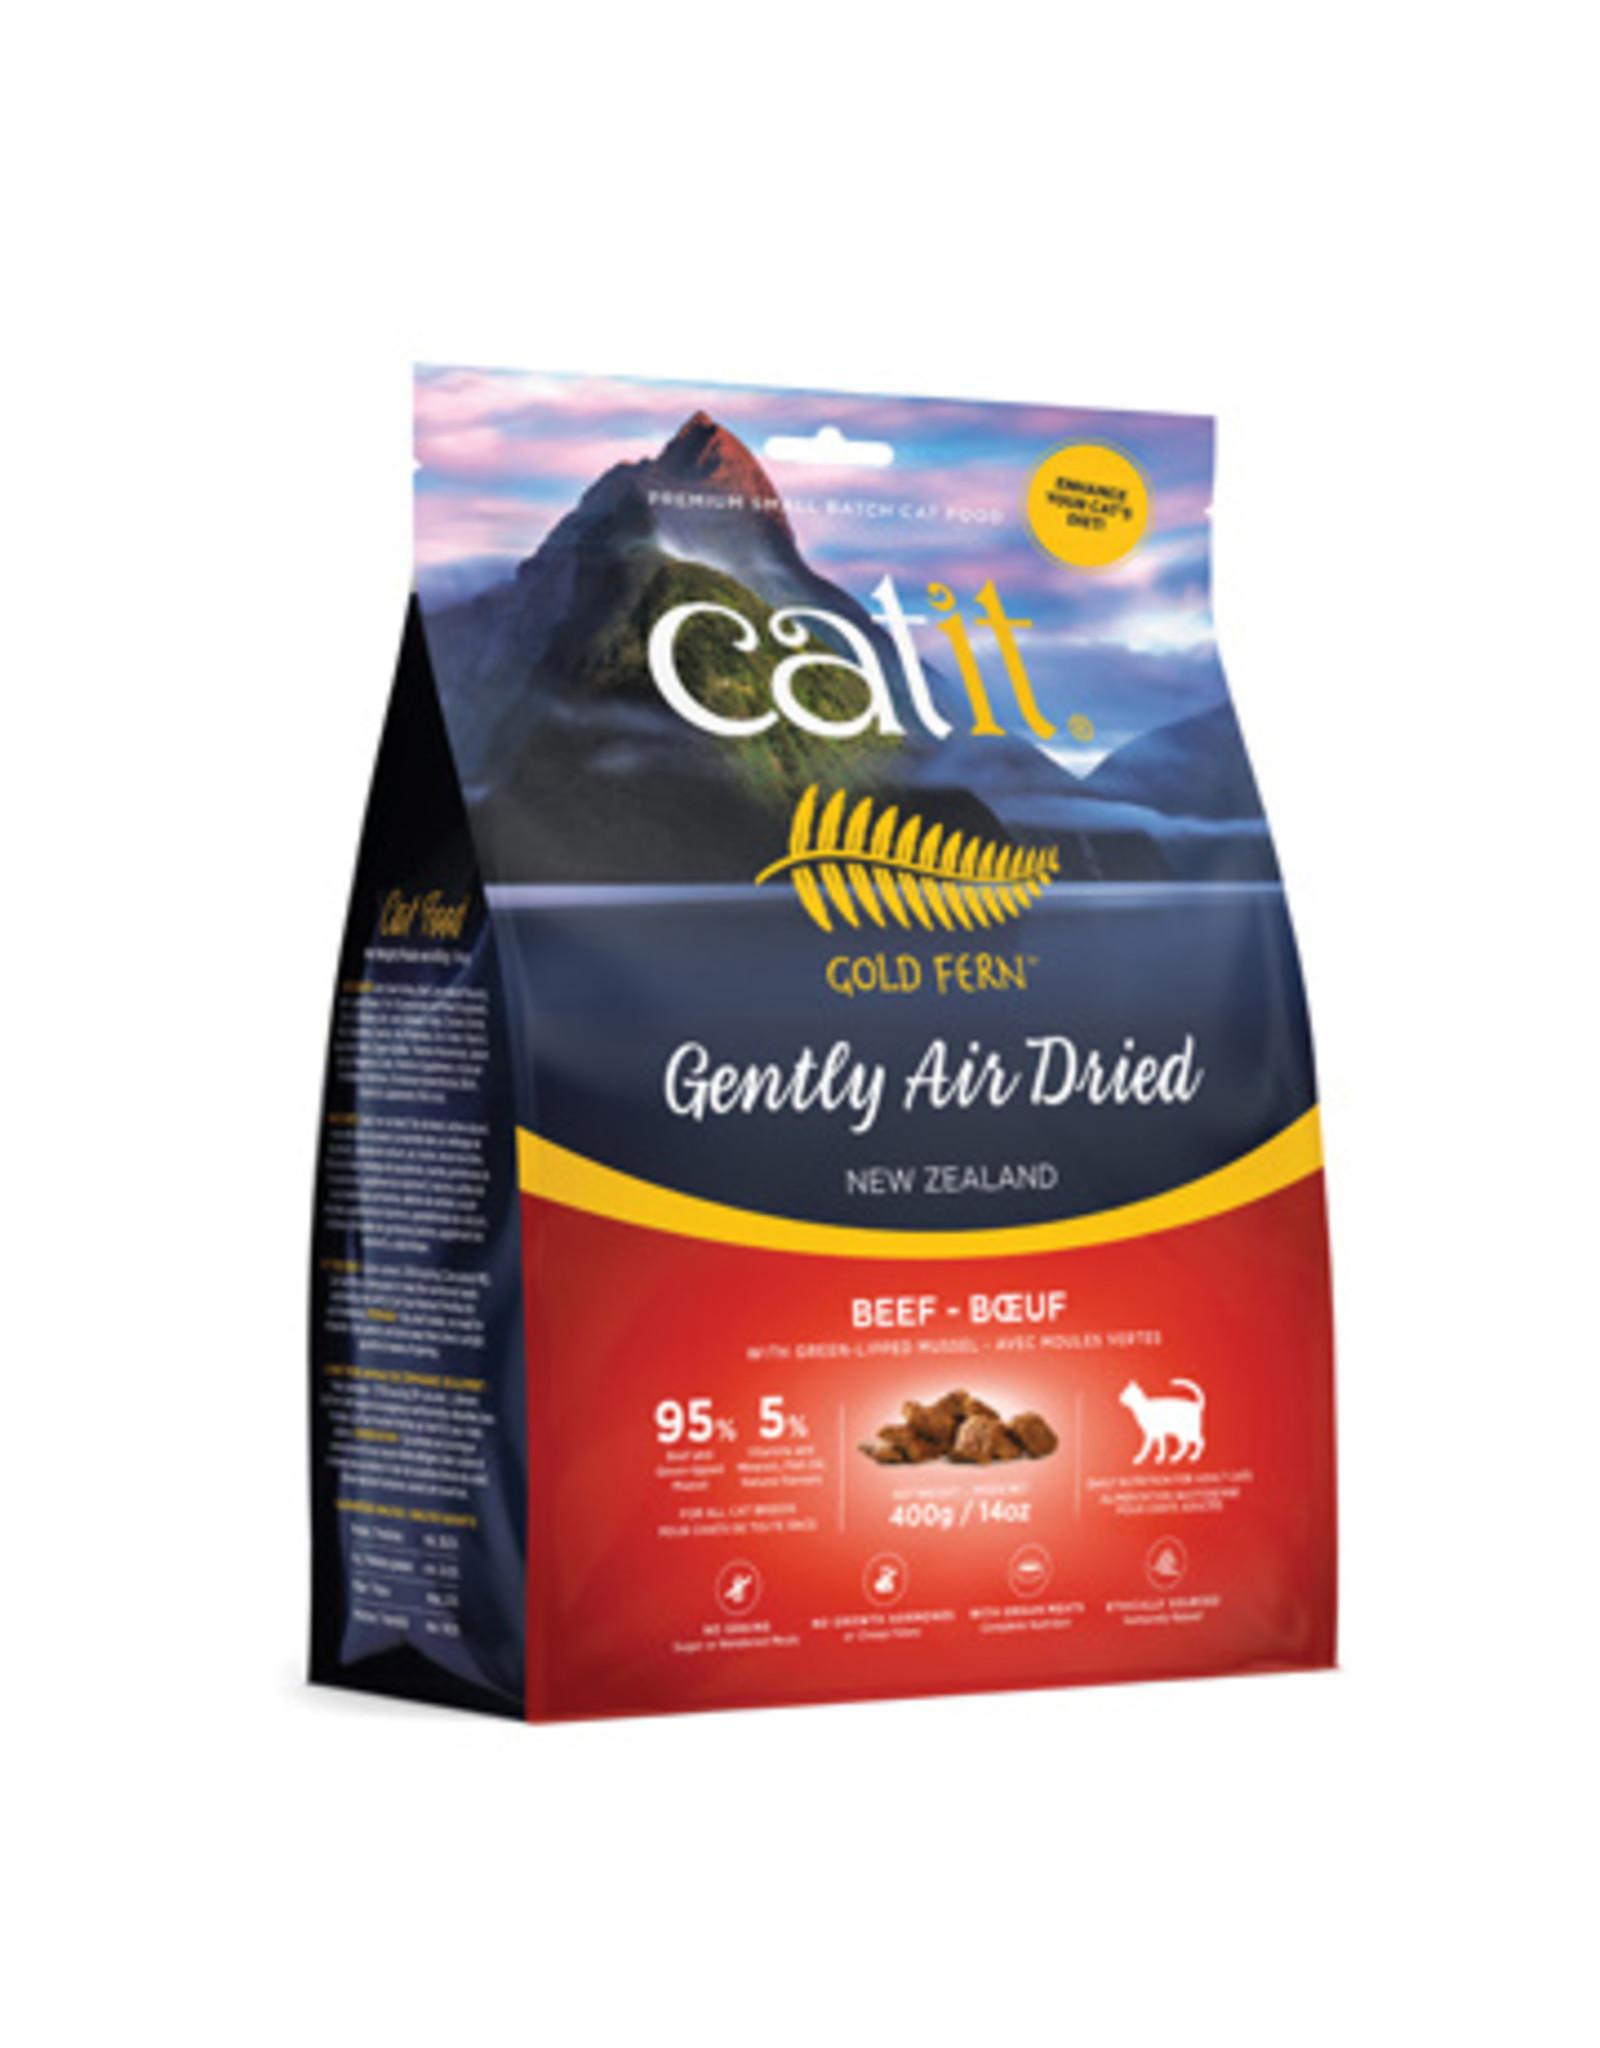 CA - Catit Catit Gold Fern Air Dried Food Beef